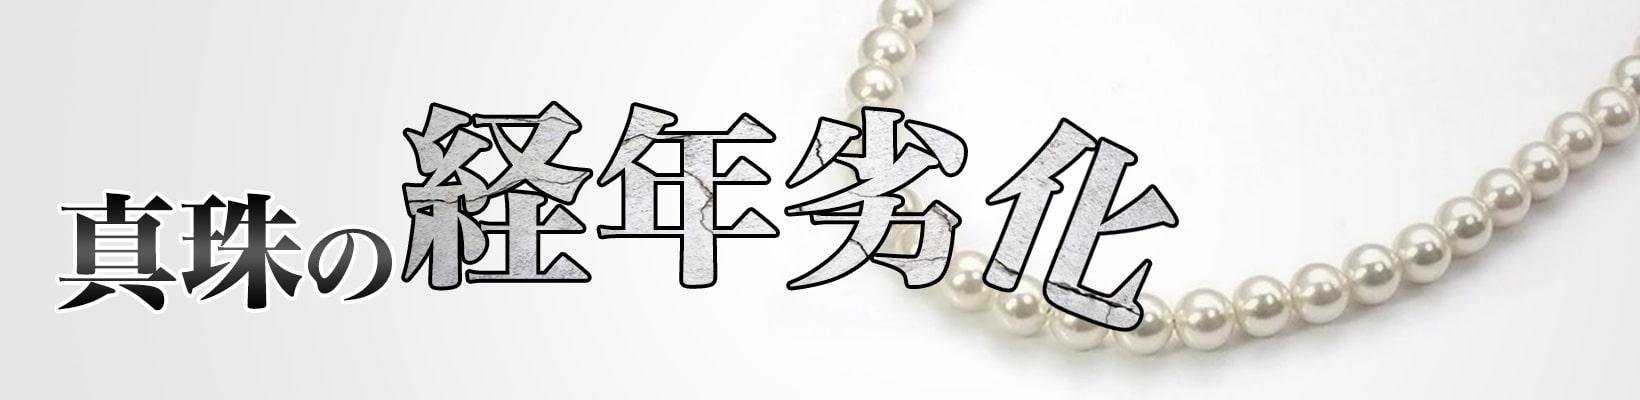 真珠は経年劣化する?長持ちさせるためのお手入れや保管方法は?